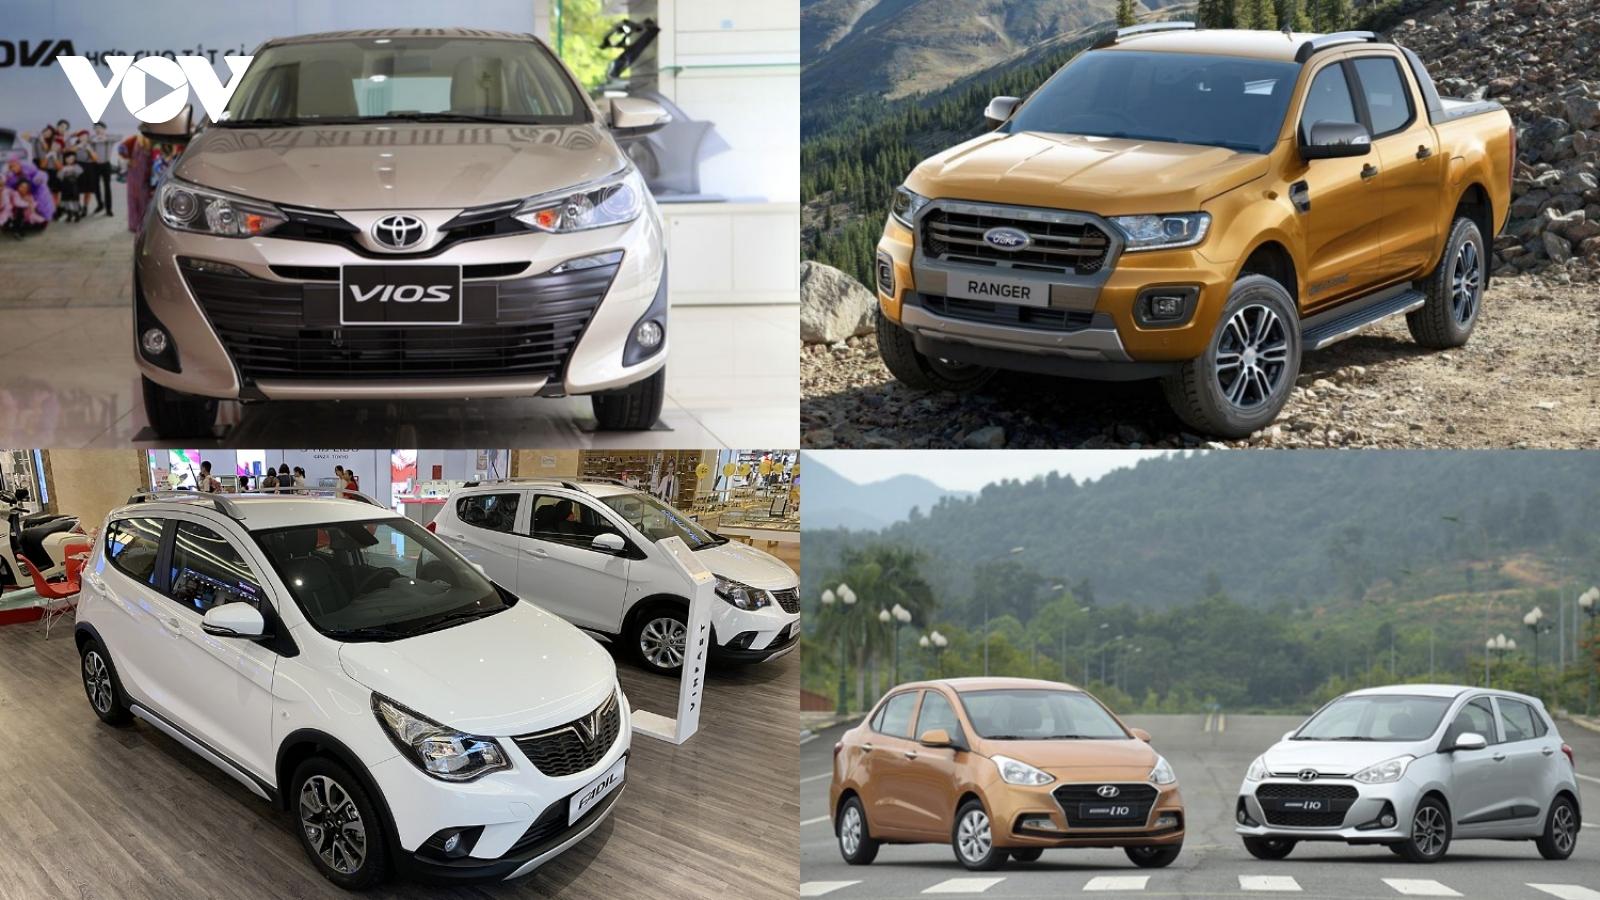 Top 10 mẫu xe bán chạy nhất thị trường Việt Nam tháng 11/2020